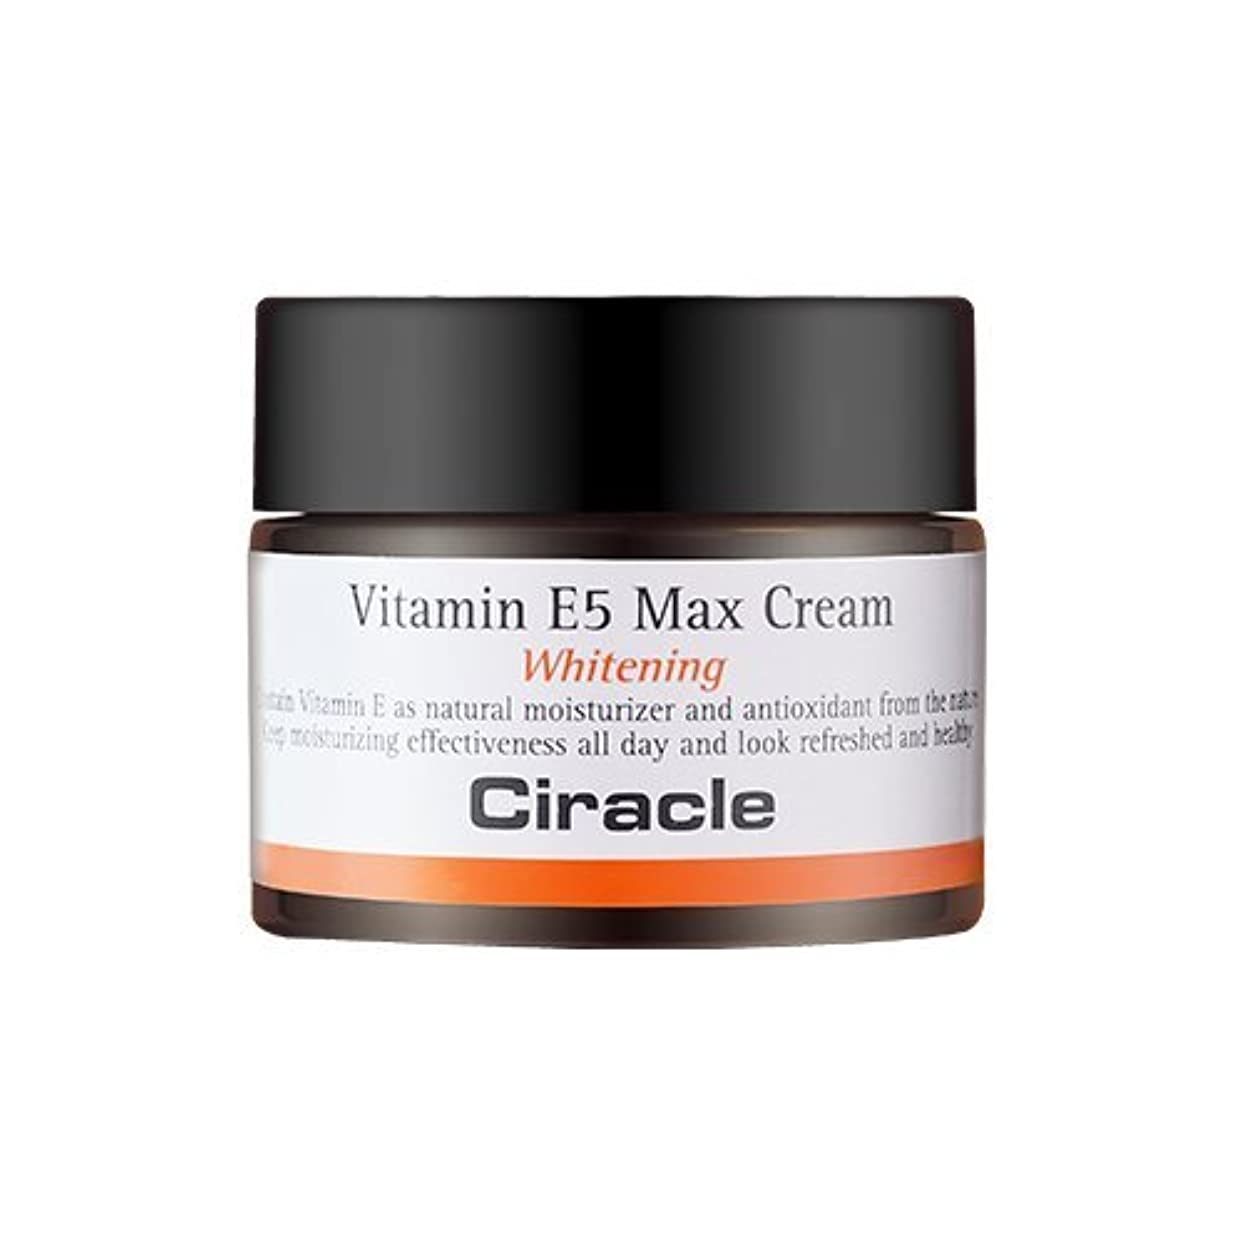 リス計器瞳Ciracle Vitamin E5 Max Cream シラクル ビタミンE5 マックス クリーム 50ml [並行輸入品]